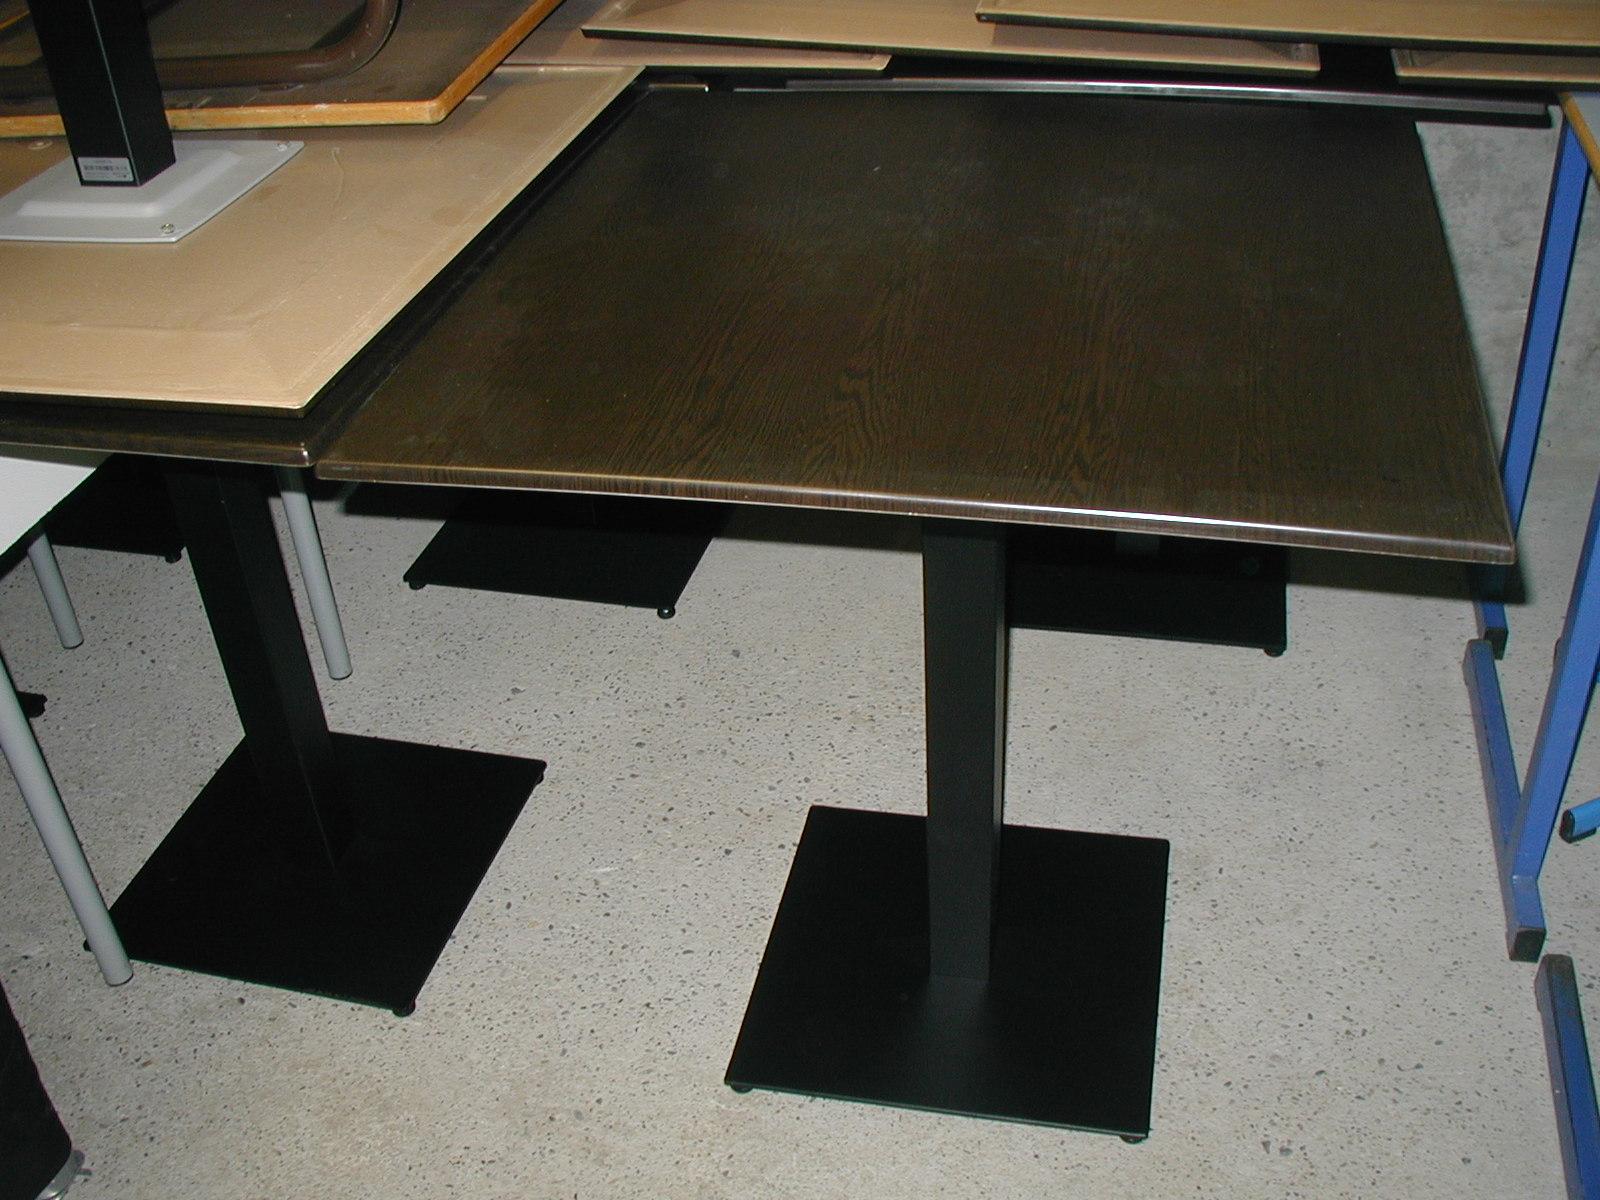 Tables de restaurants table d 39 occasion aux ench res - Table de restaurant occasion a vendre ...